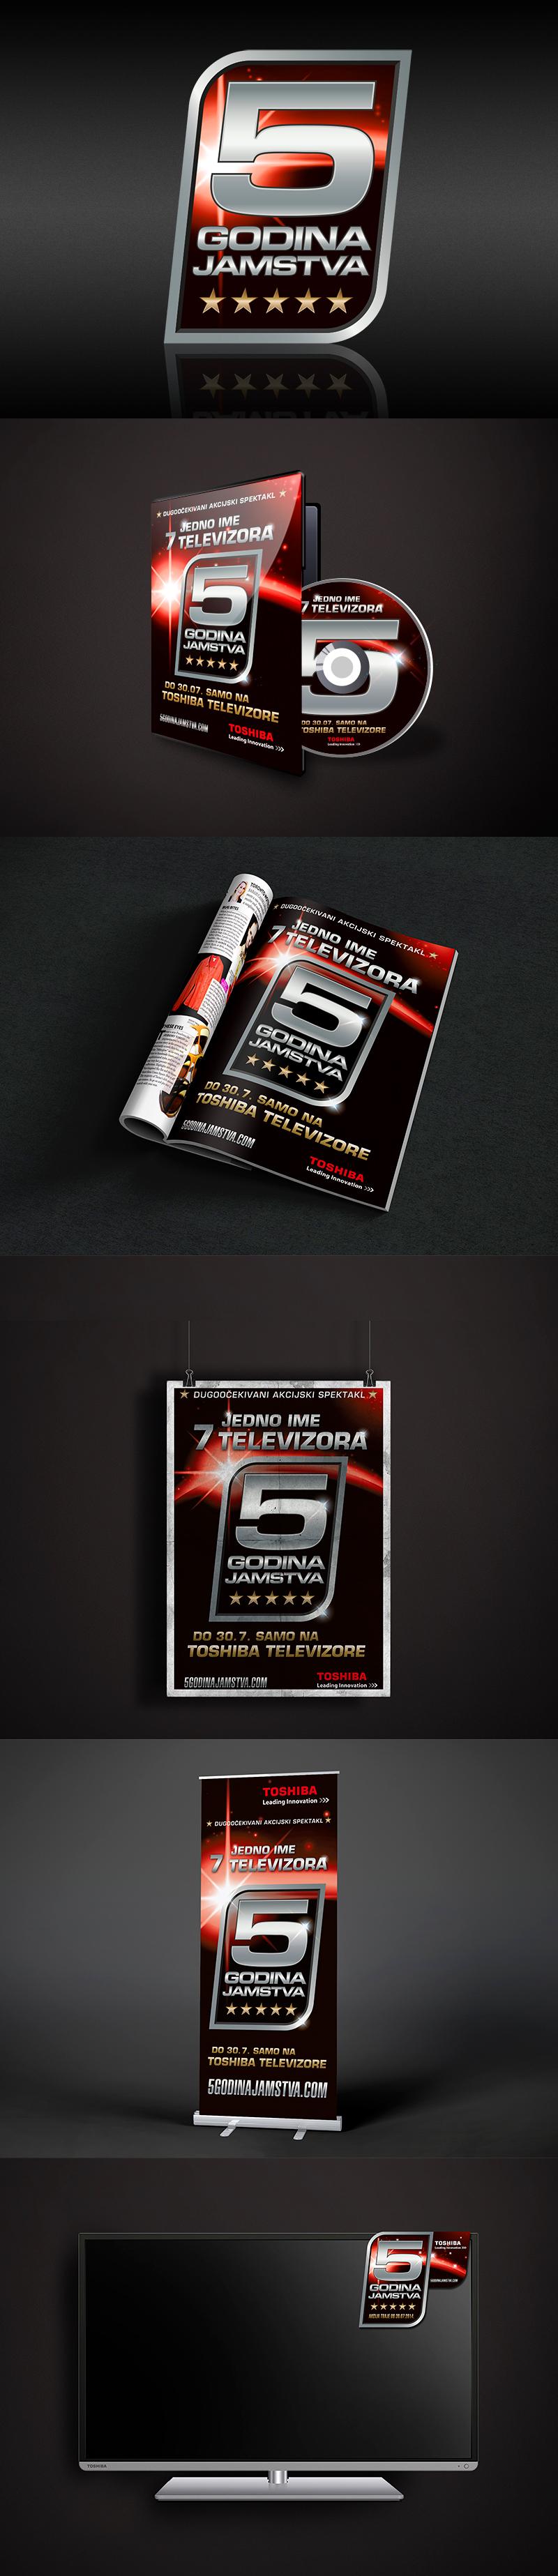 5GJ_Toshiba_kampanja